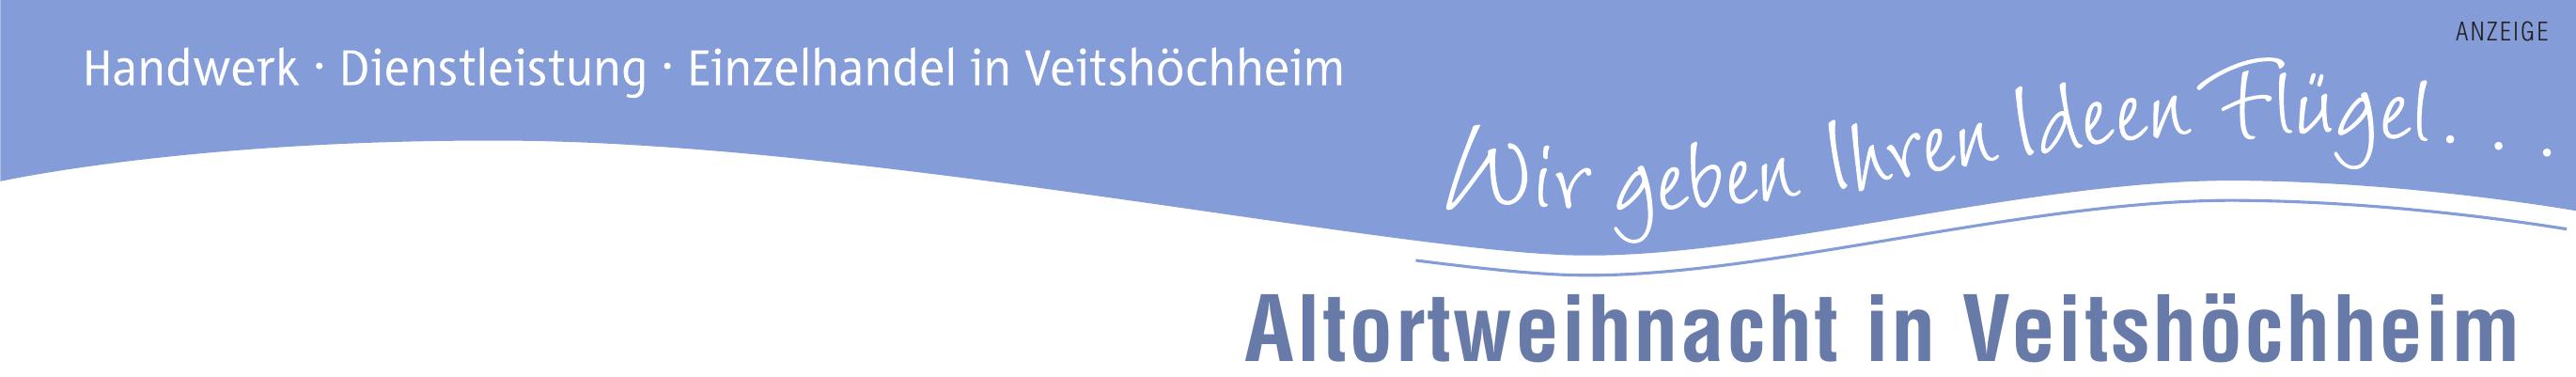 Kuscheliger Hüttenzauber Image 1